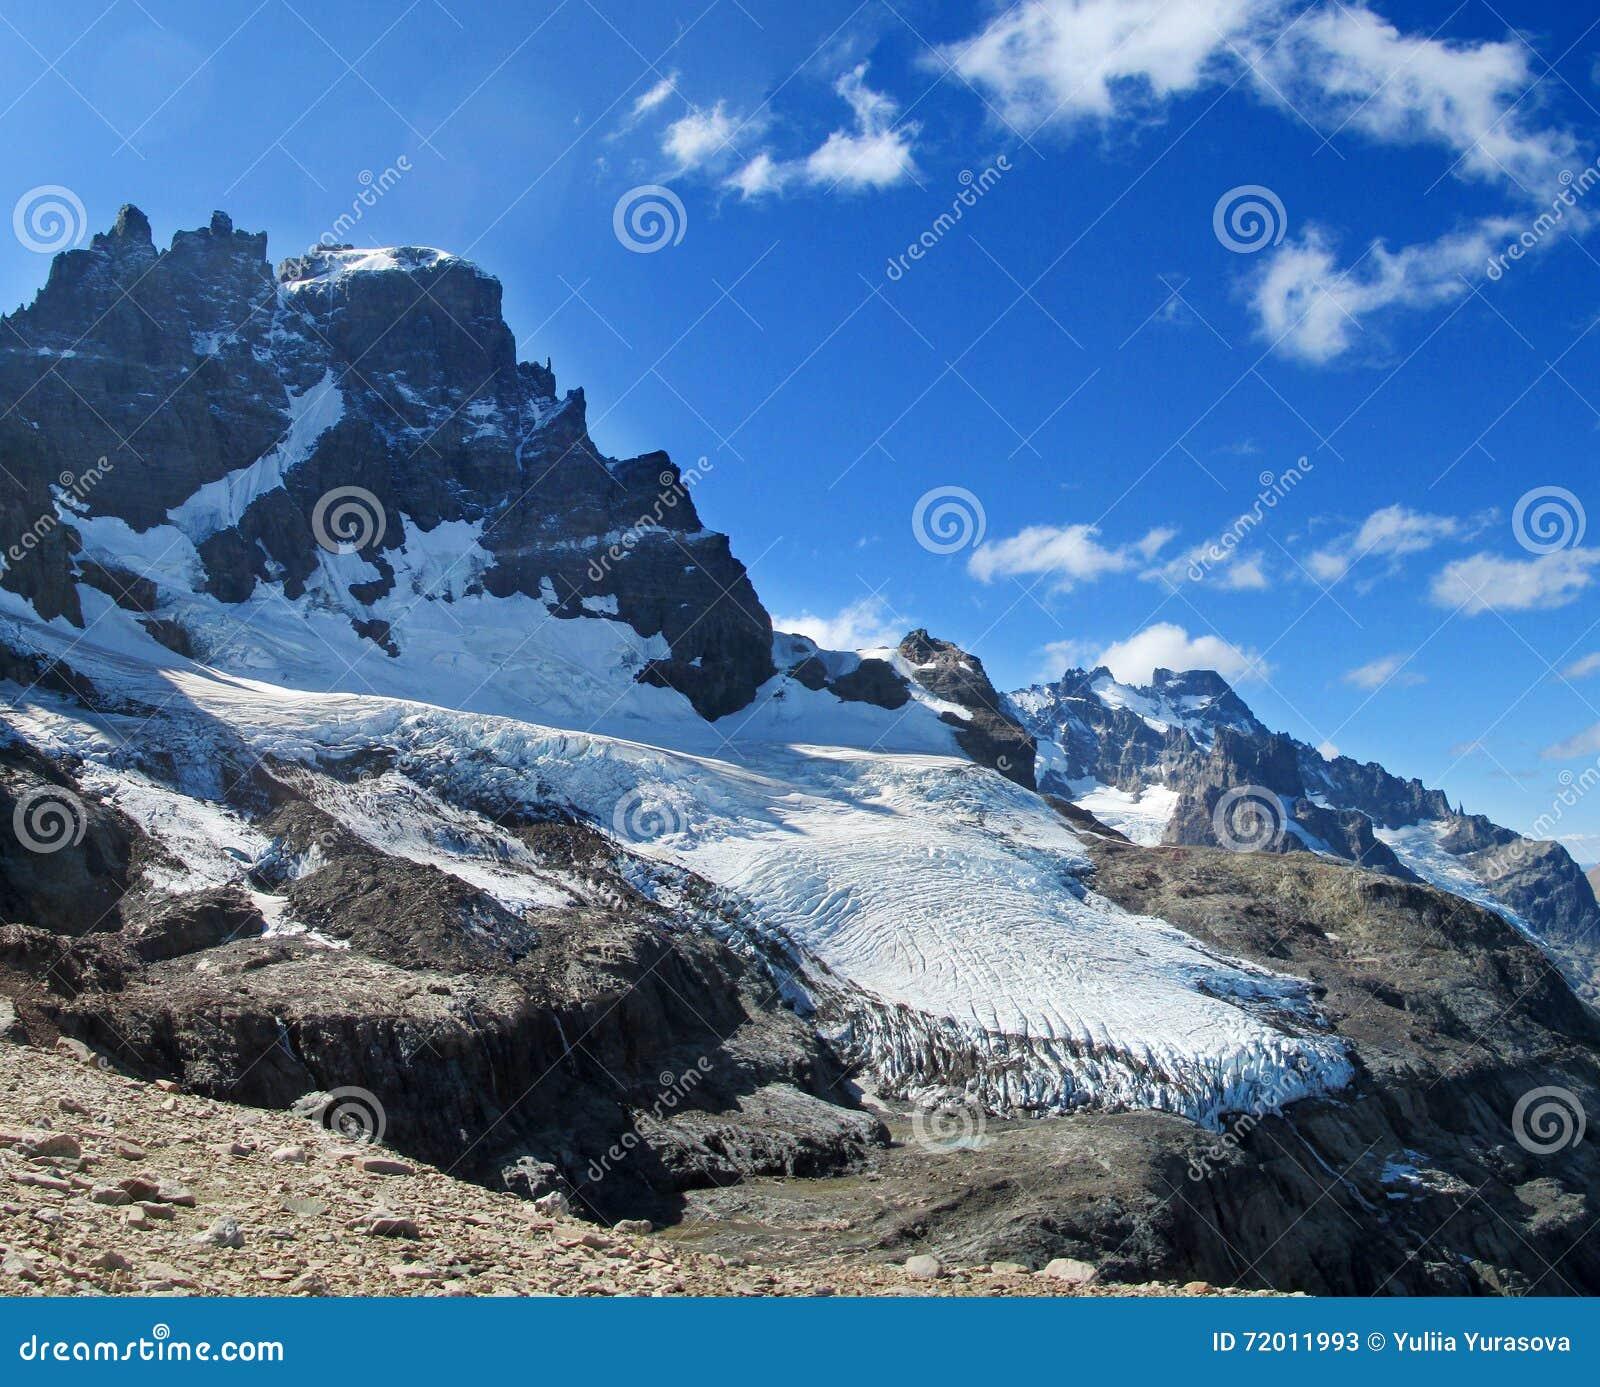 High snow and rocky mountain Cerro Castillo in Chile Patagonia